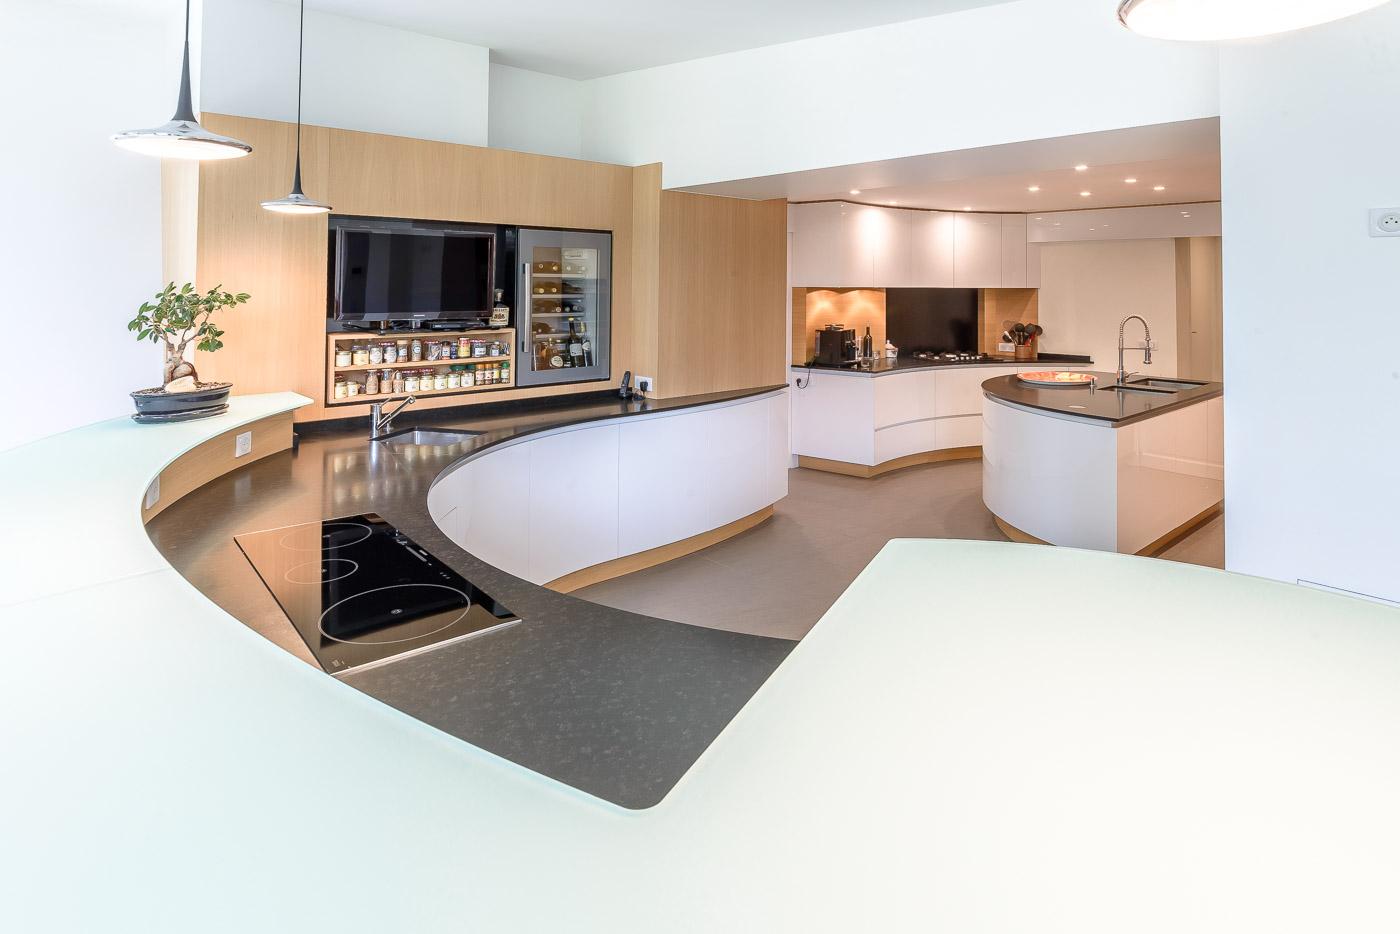 Cuisines cormier agencement de cuisine n141 for Agencement de cuisine var